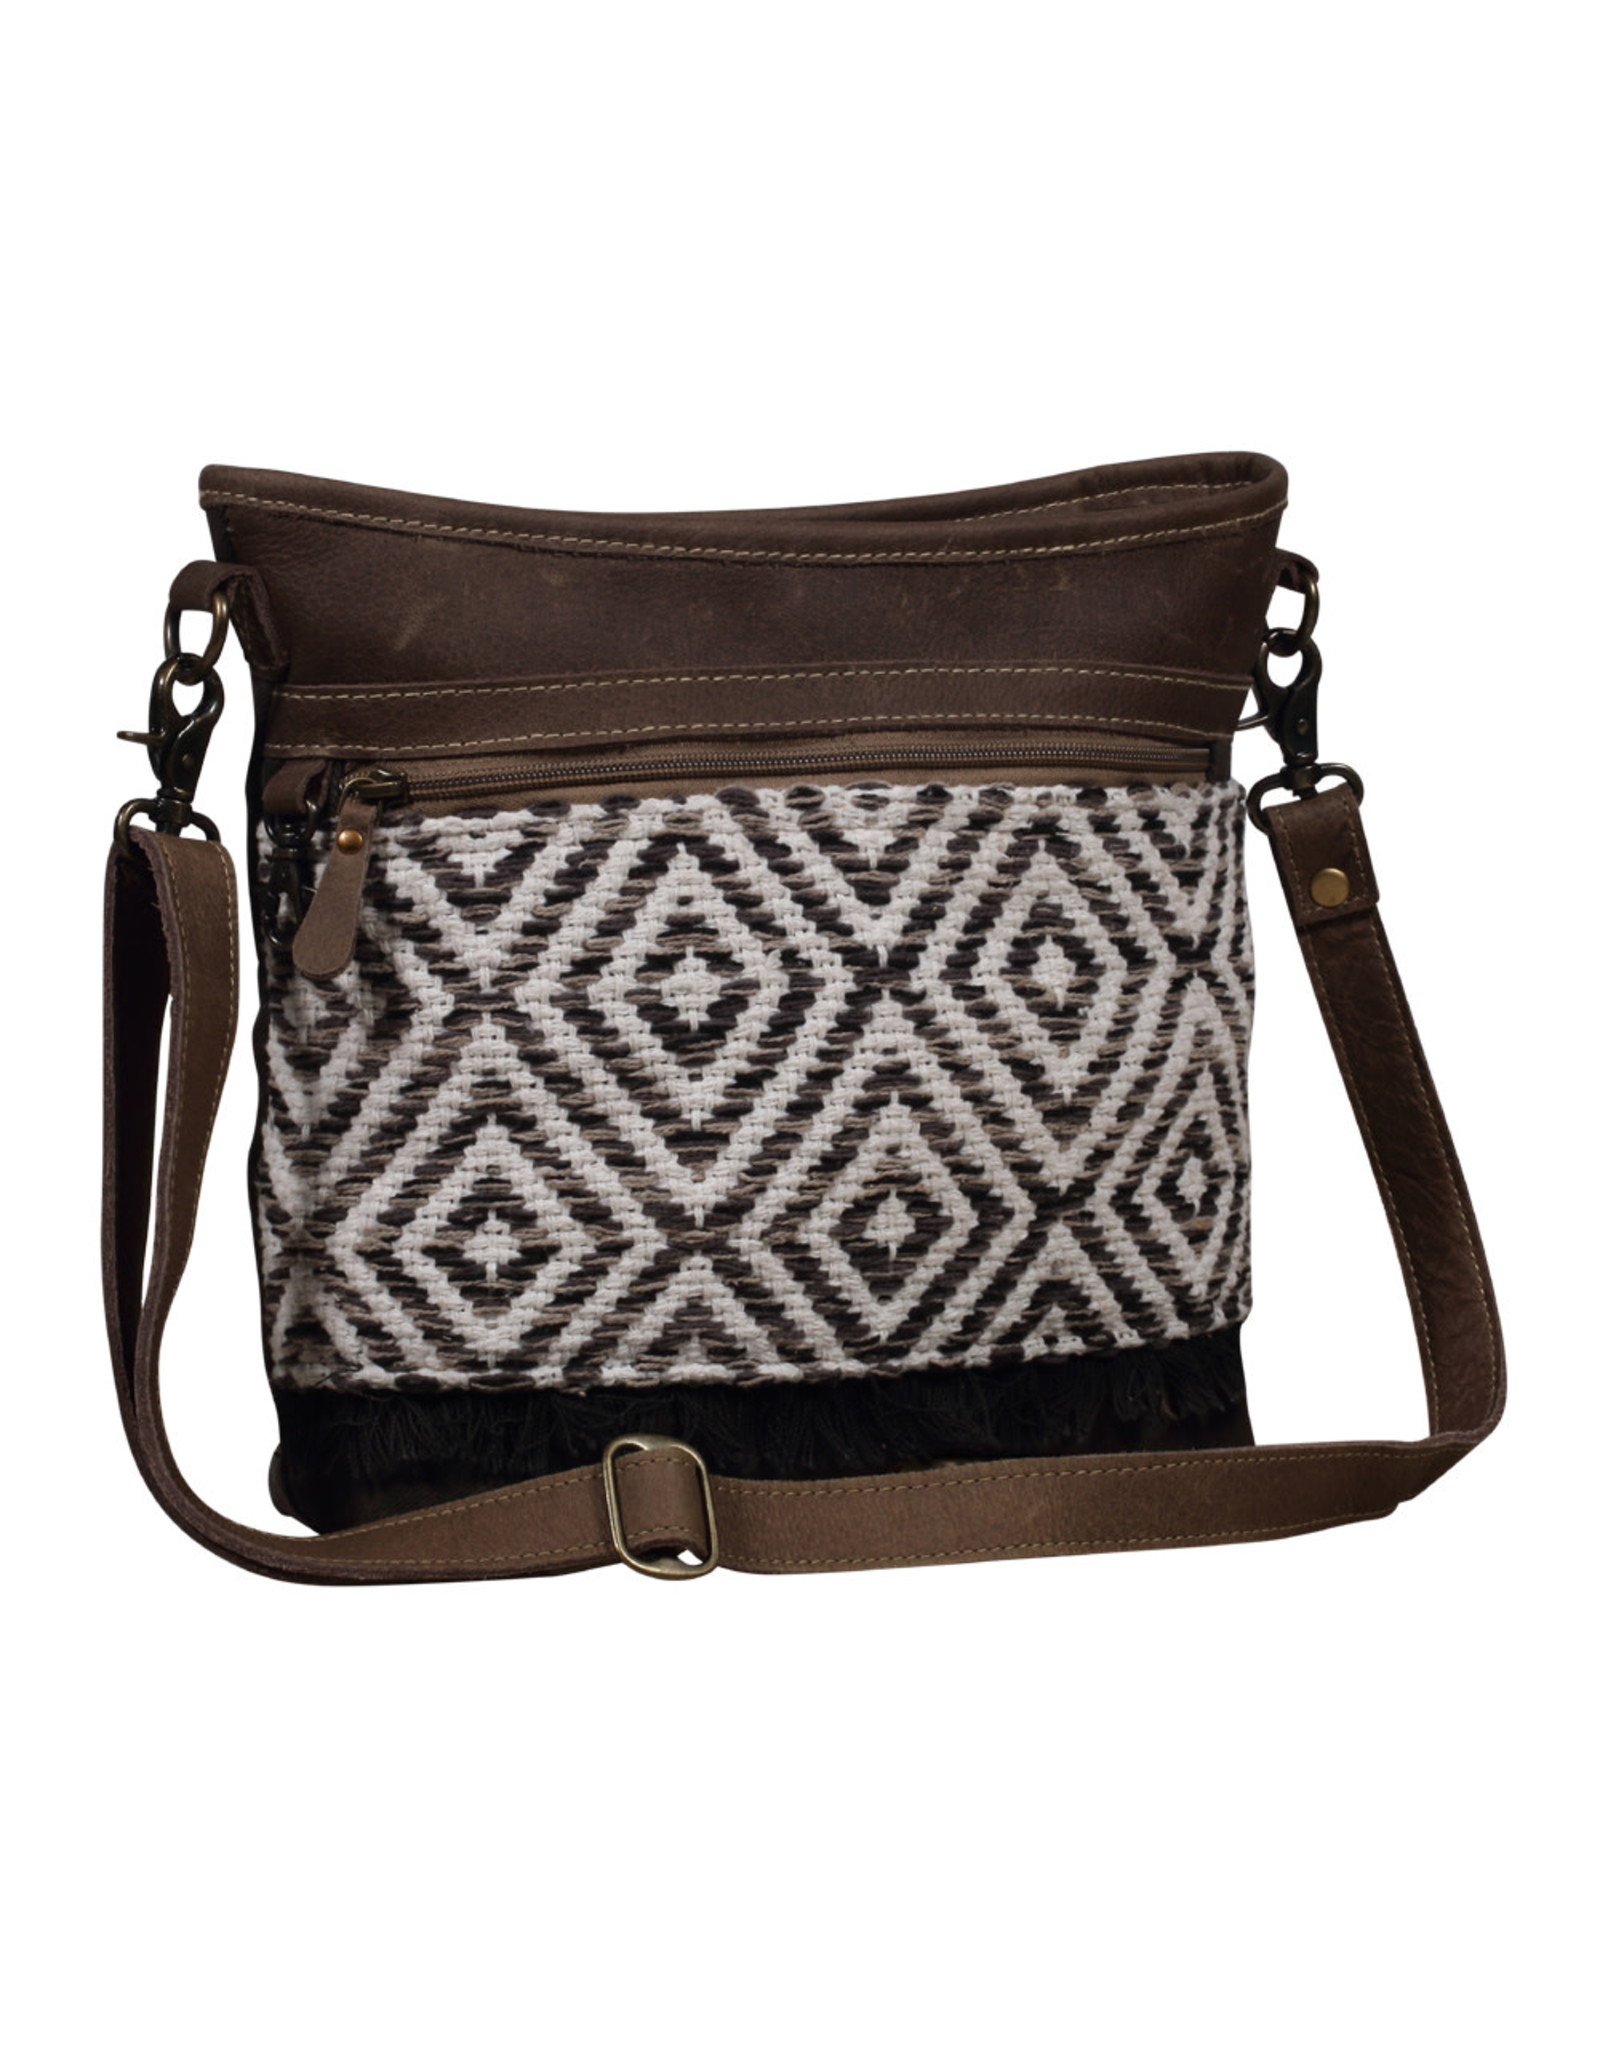 Myra Bags S-2017 Patterned Shoulder Bag